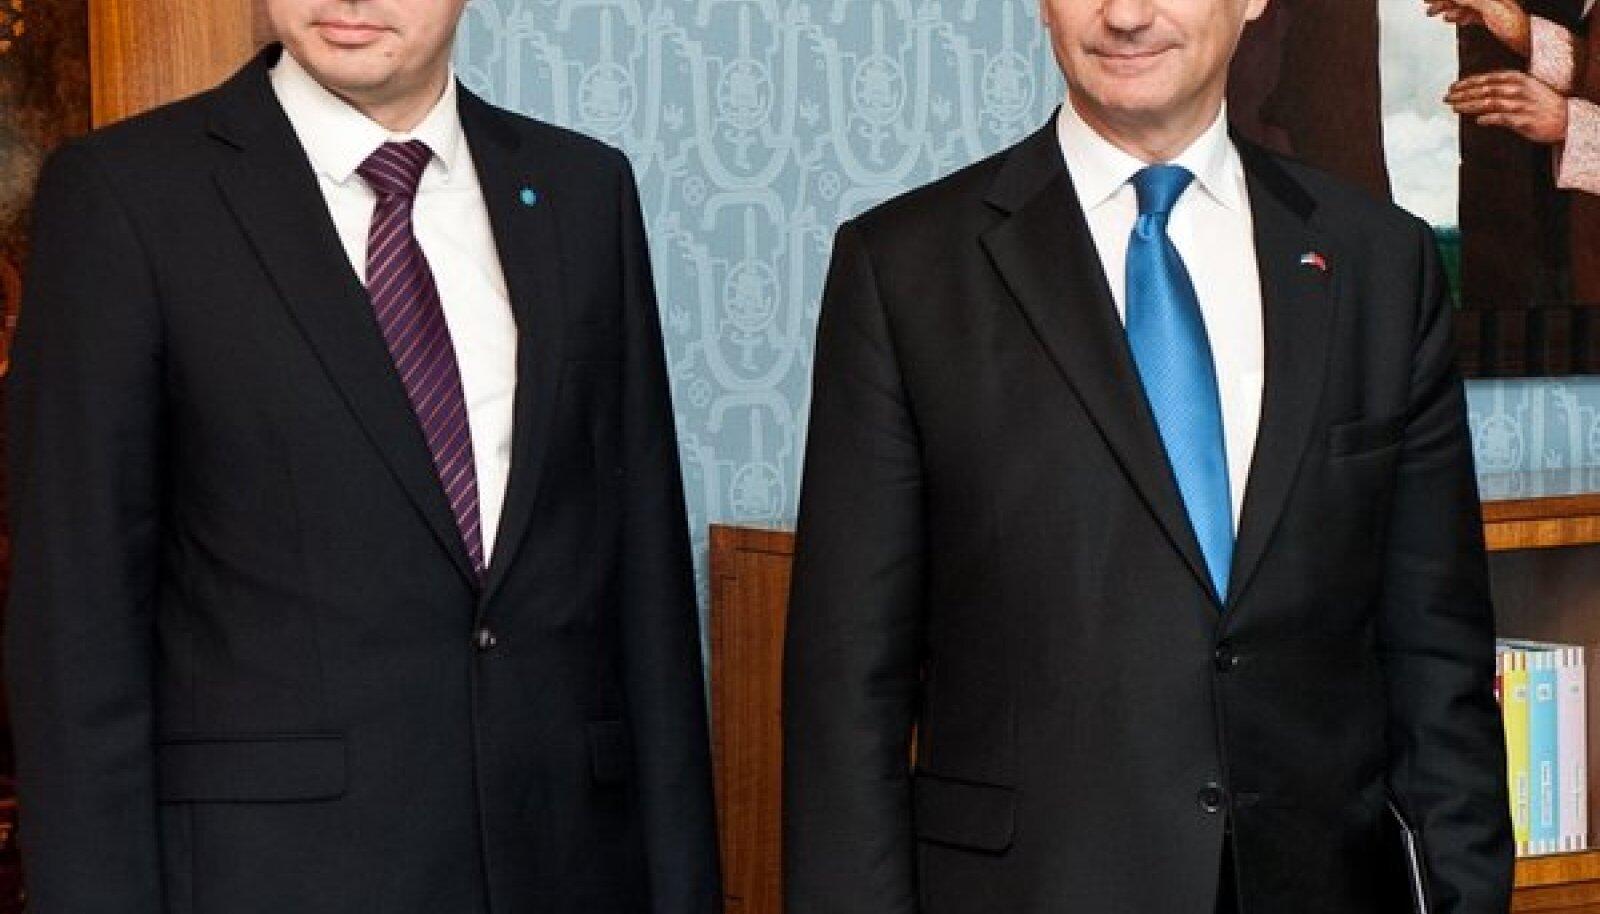 Pilt on tehtud päeval, mil Urmas Reinsalu sai kaitseministriks